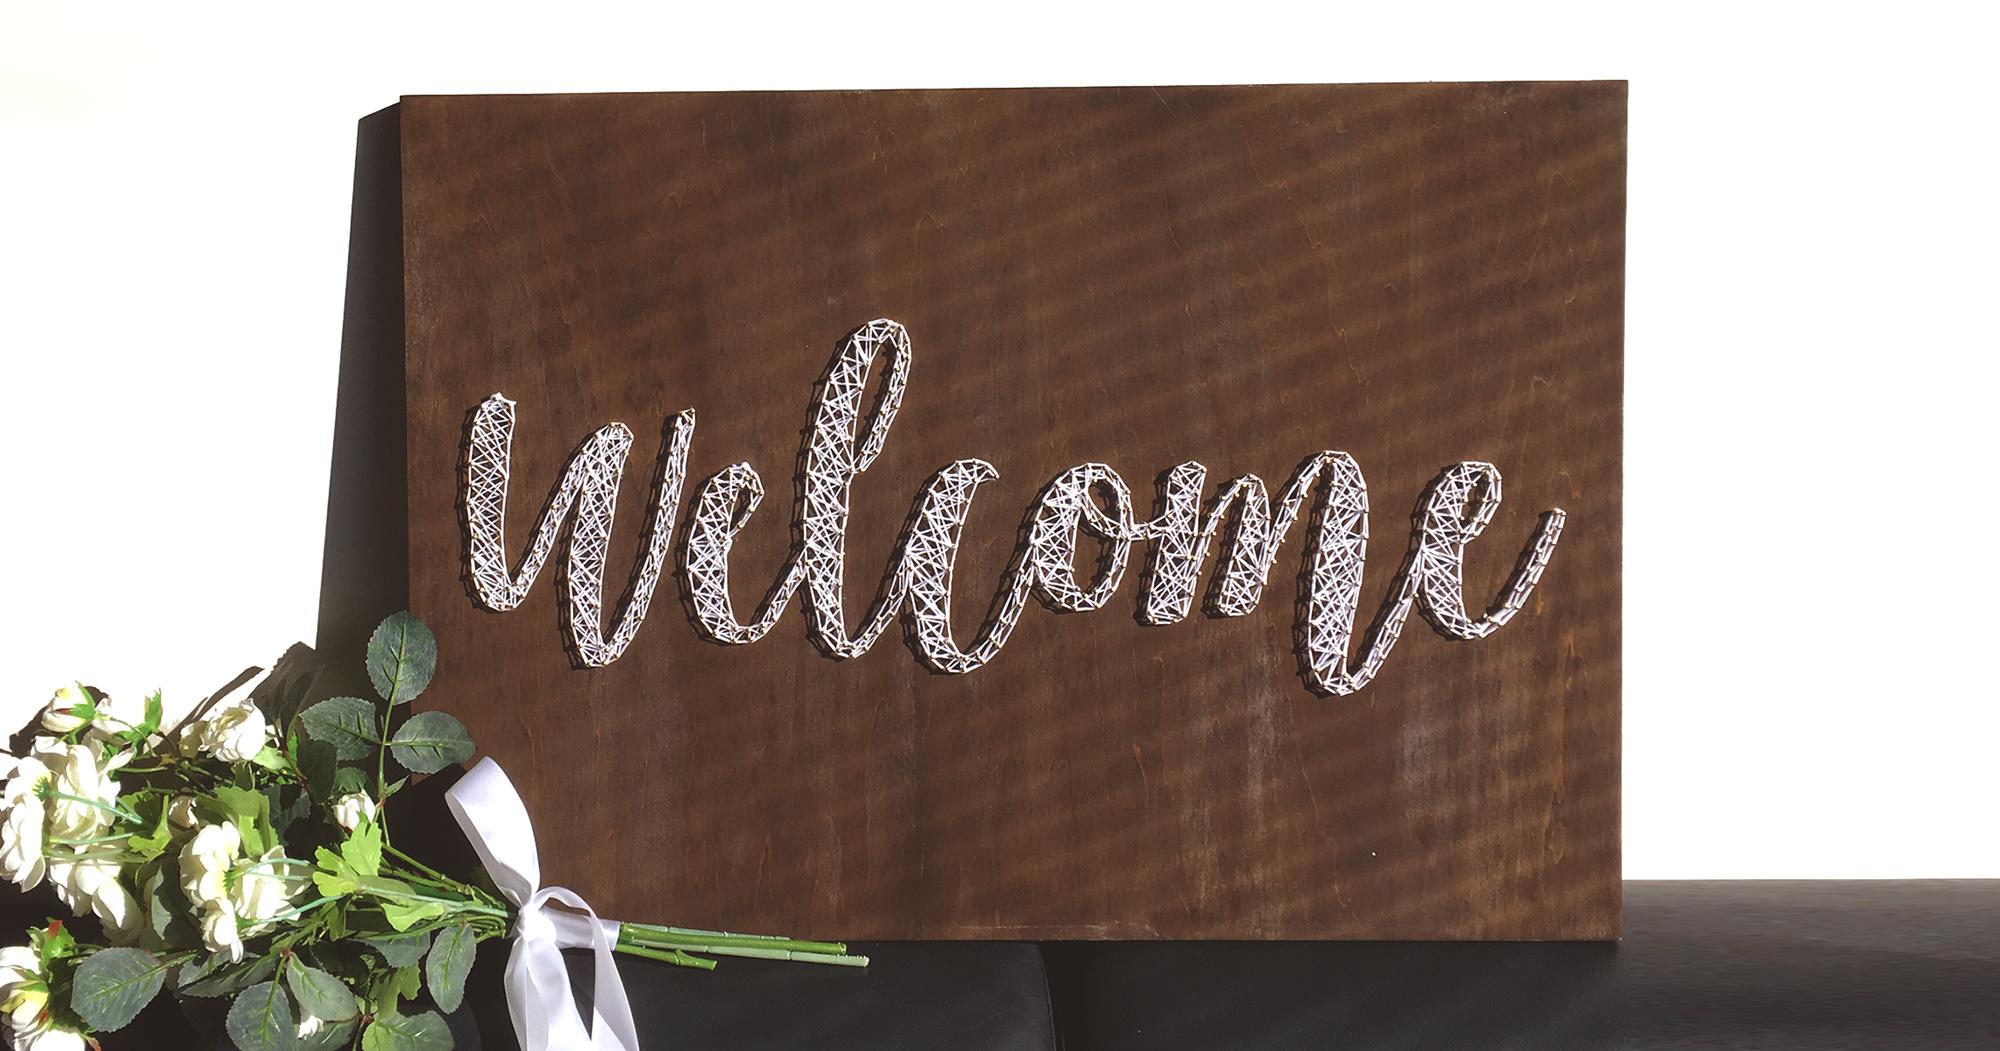 結婚式のウェルカムボードに!釘と糸を使ったストリングアートの作り方とコツ